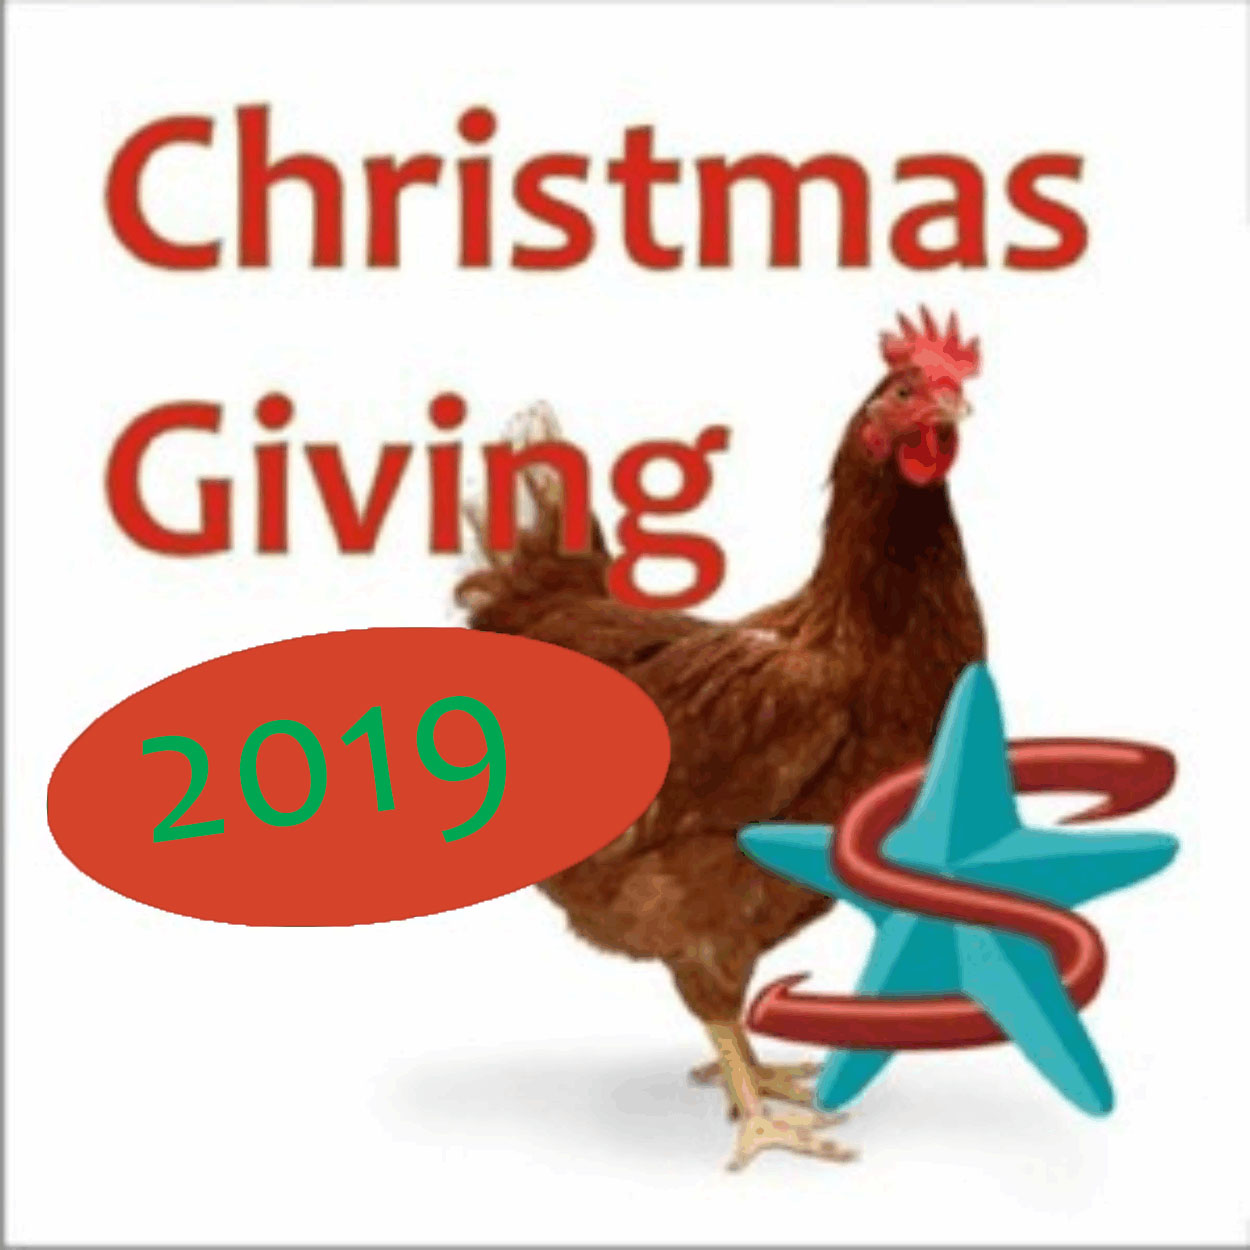 Christmas Giving 2019